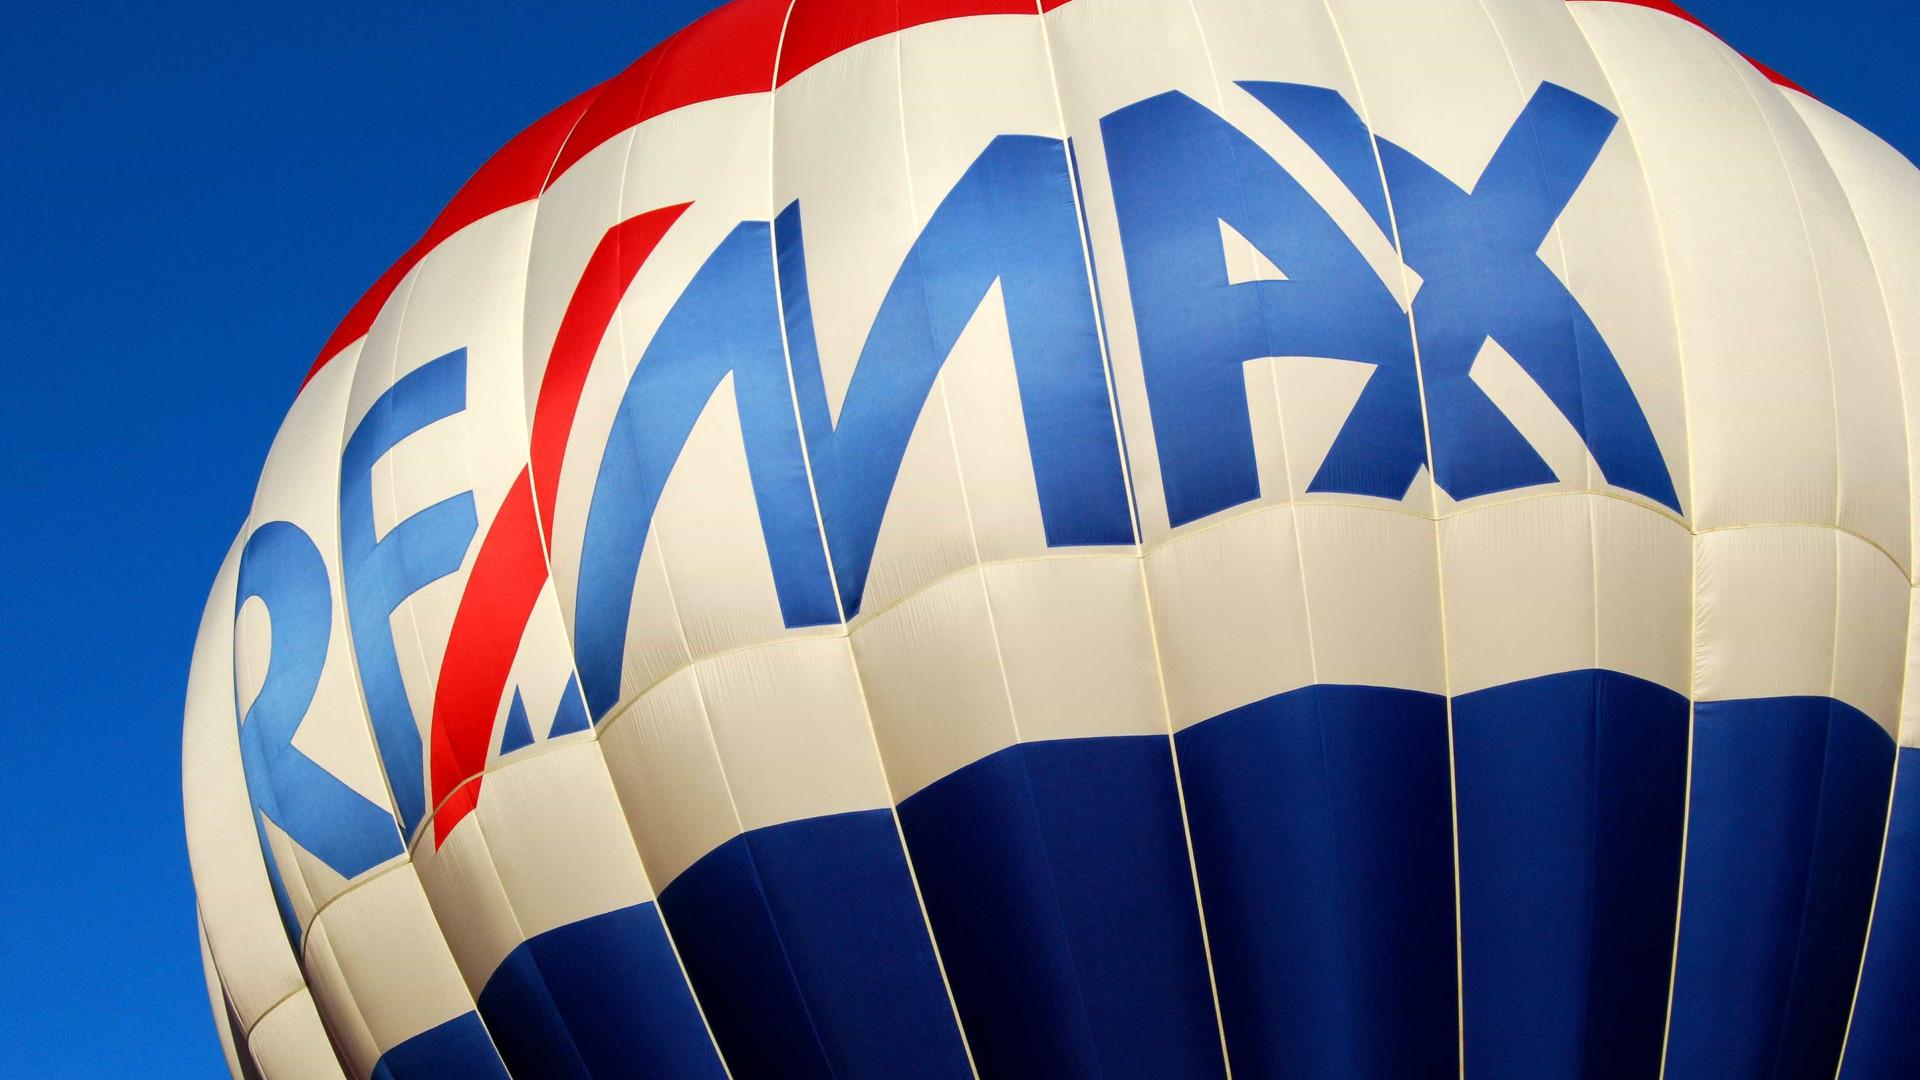 Quer saber quanto vale a sua casa? O novo site da Remax ajuda-o